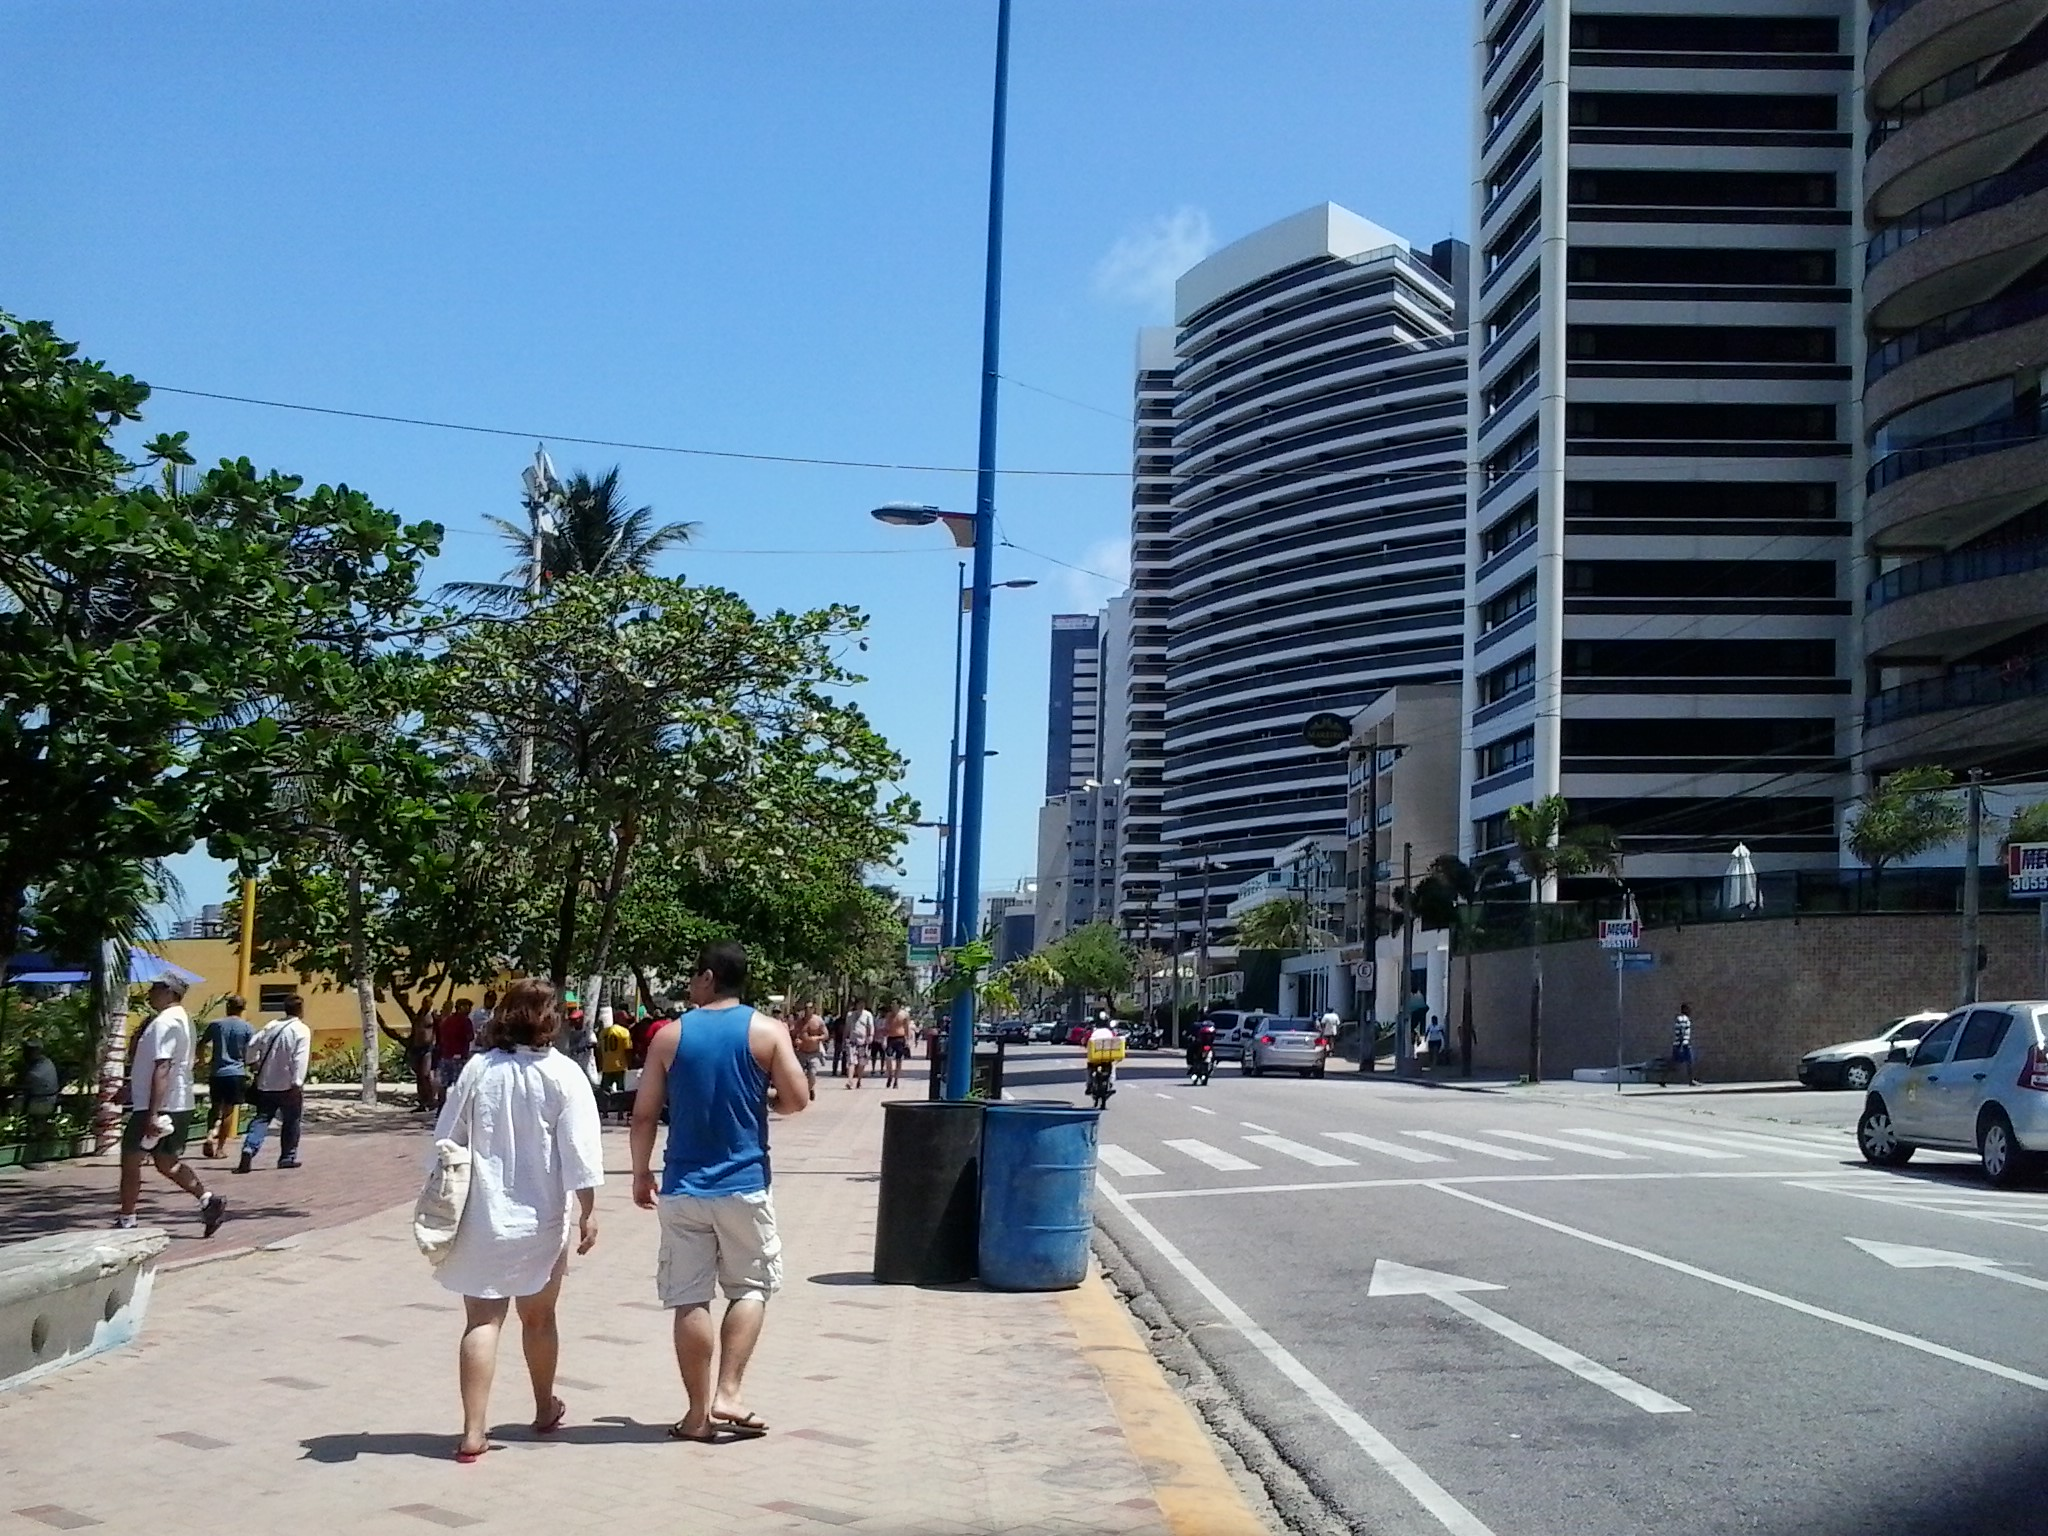 Clima di Fortaleza, clima de Fortaleza